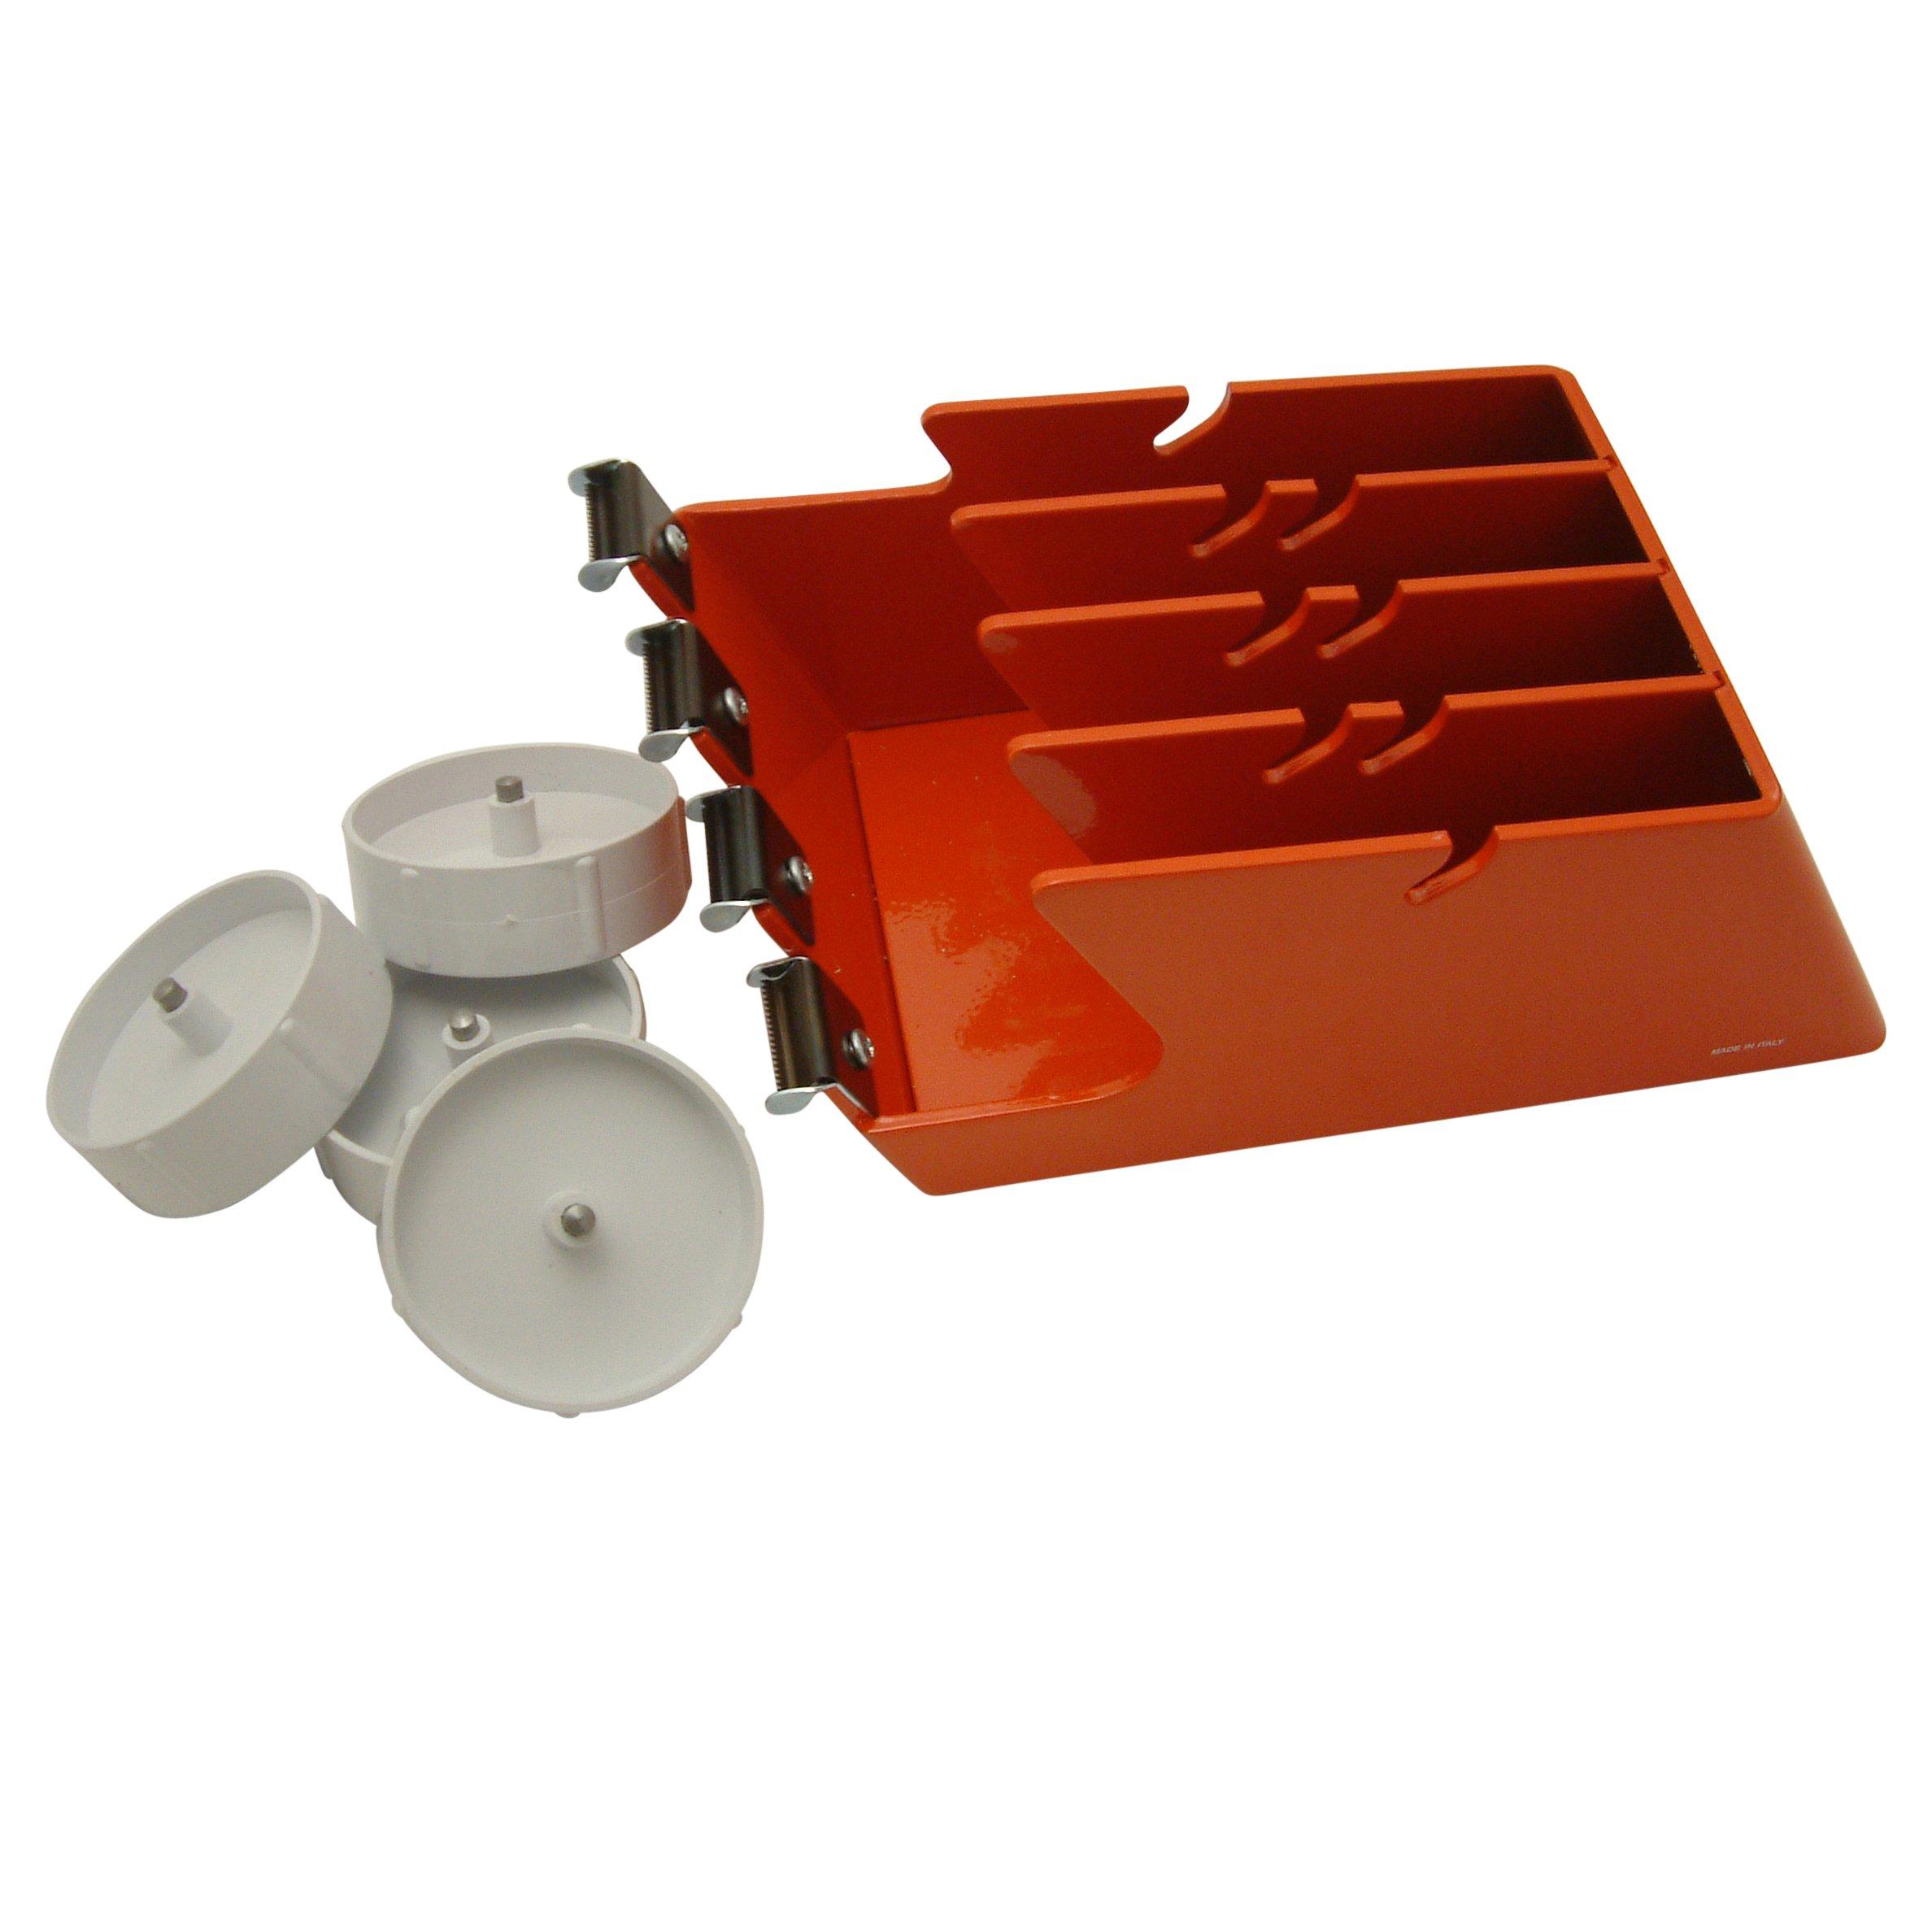 J.V. Converting EX-4M/TB JVCC EX-4M Quadruple-Roll Steel Desktop Tape Dispenser: for 4 Rolls up to 1'' widetoothed Blades, Orange